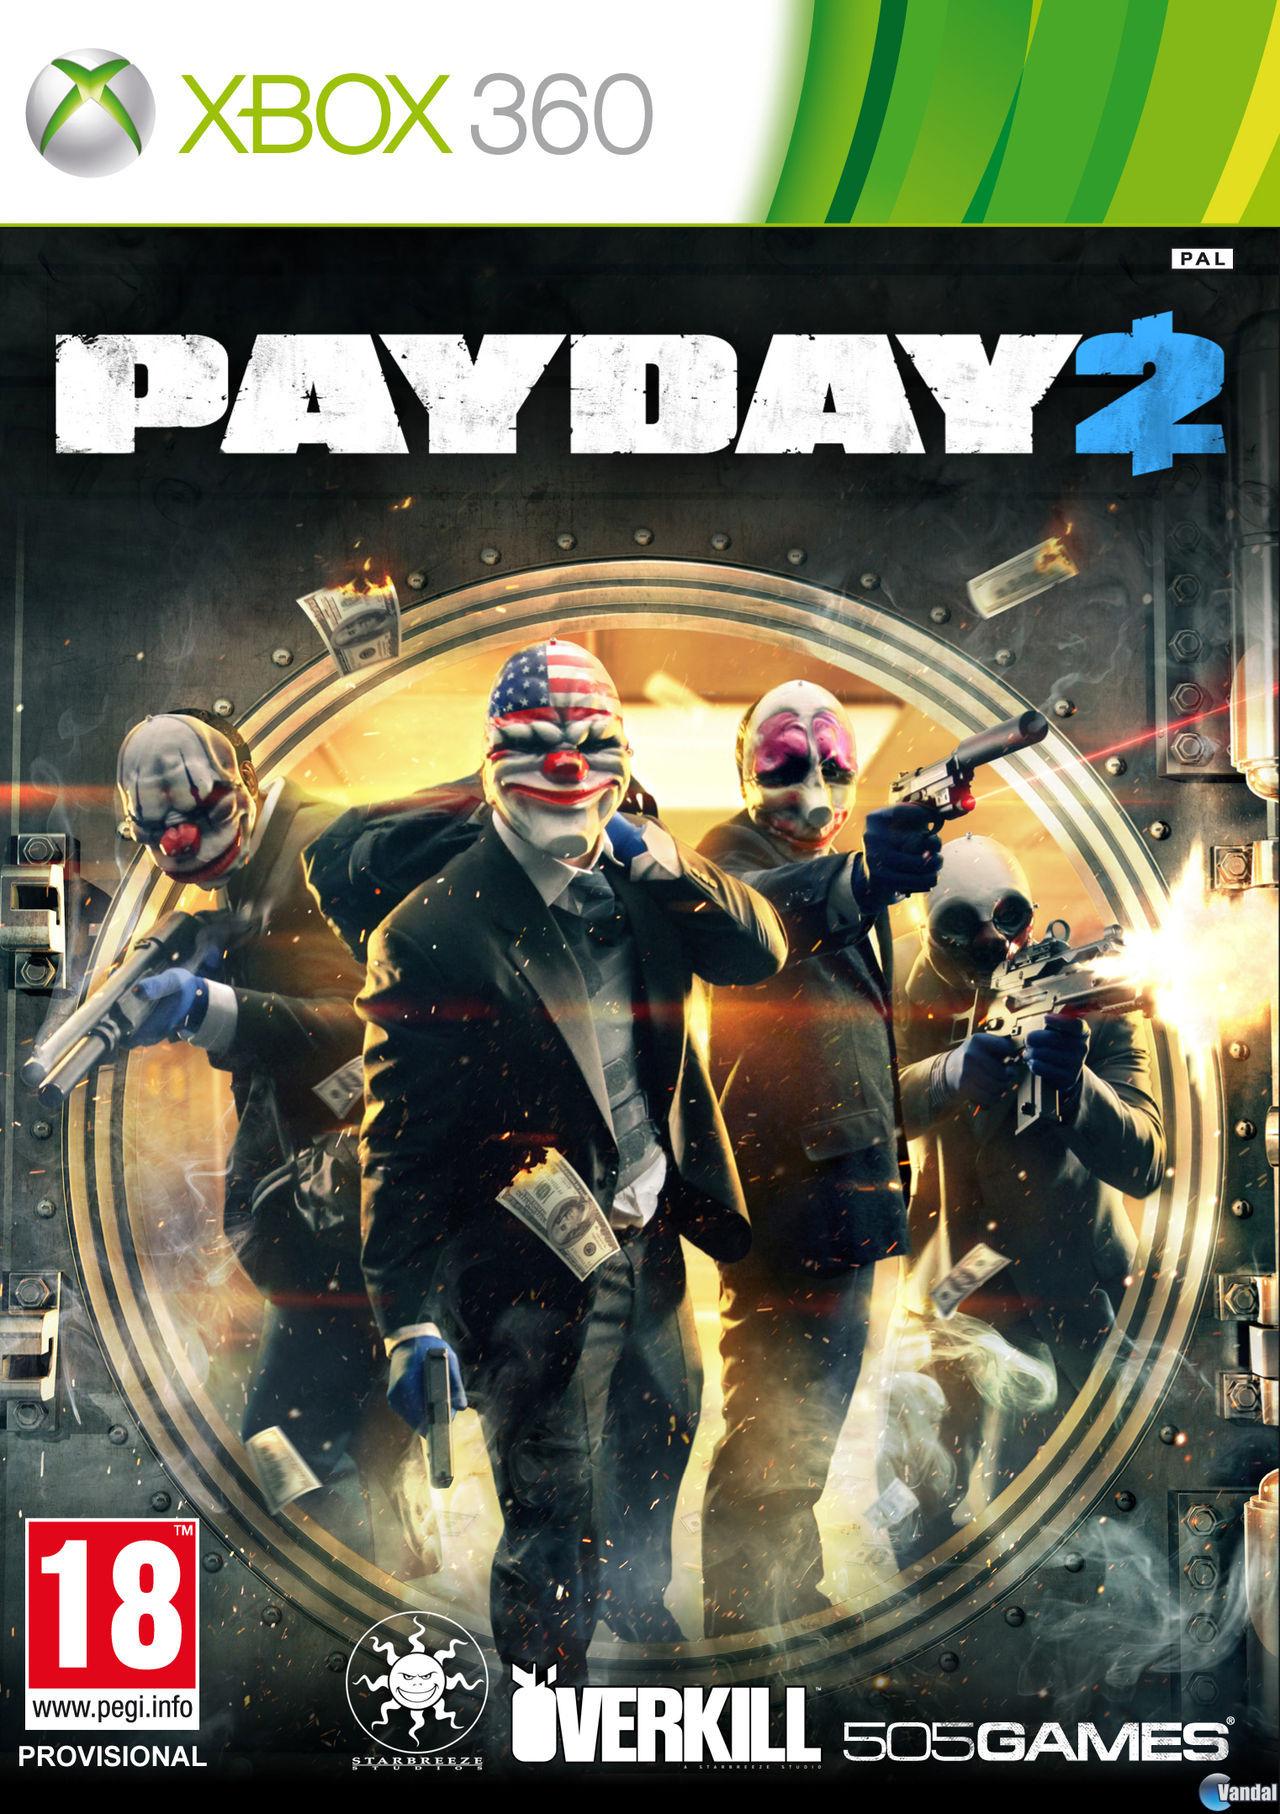 Todos Los Logros De Payday 2 En Xbox 360 Y Como Conseguirlos